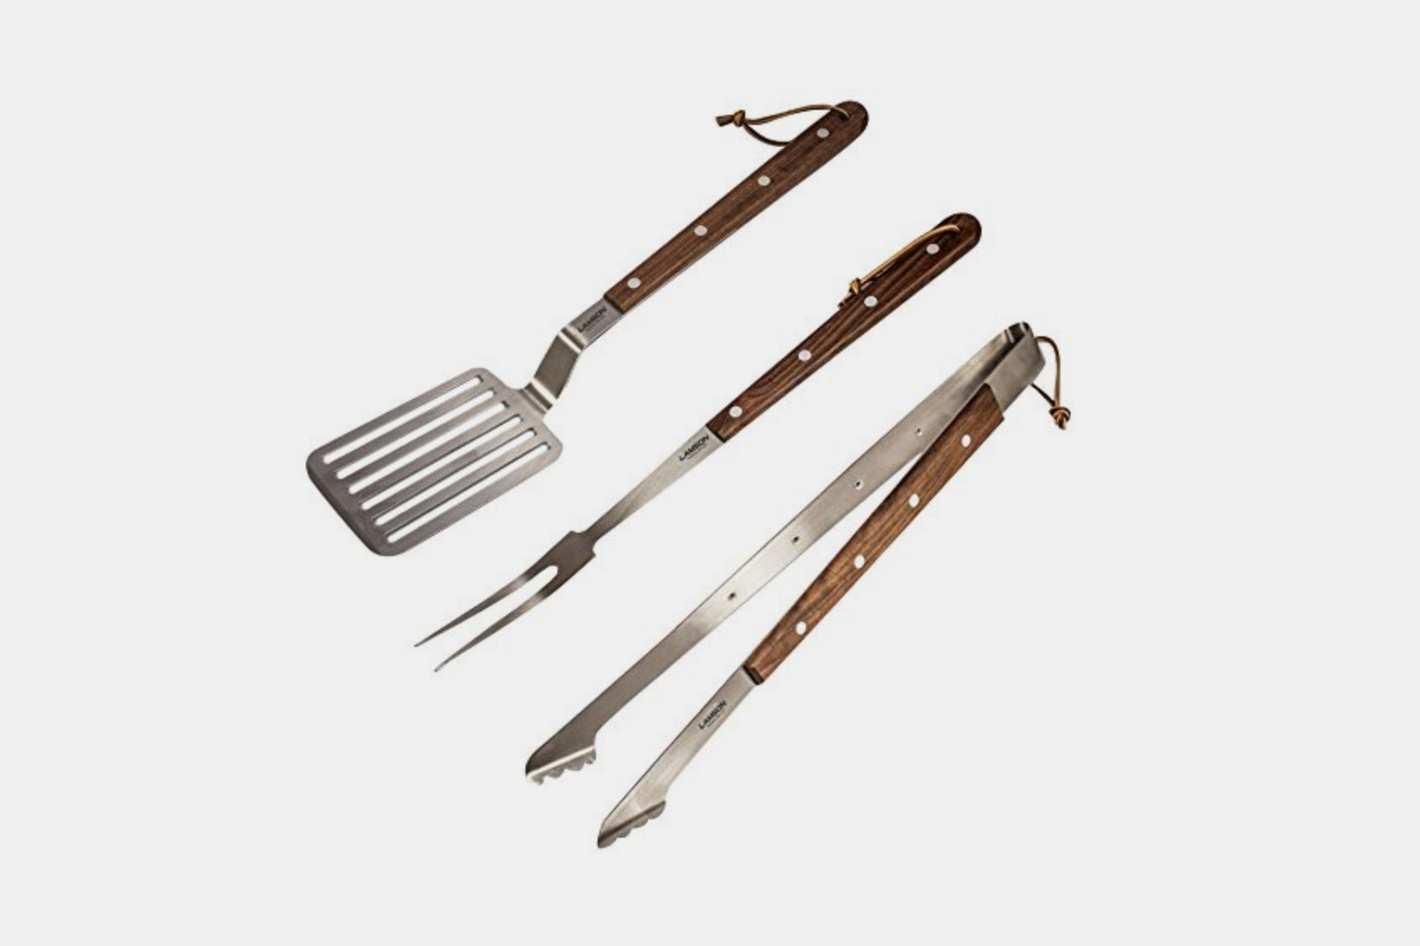 Lamson Premium 3-Piece Barbecue Tool Set